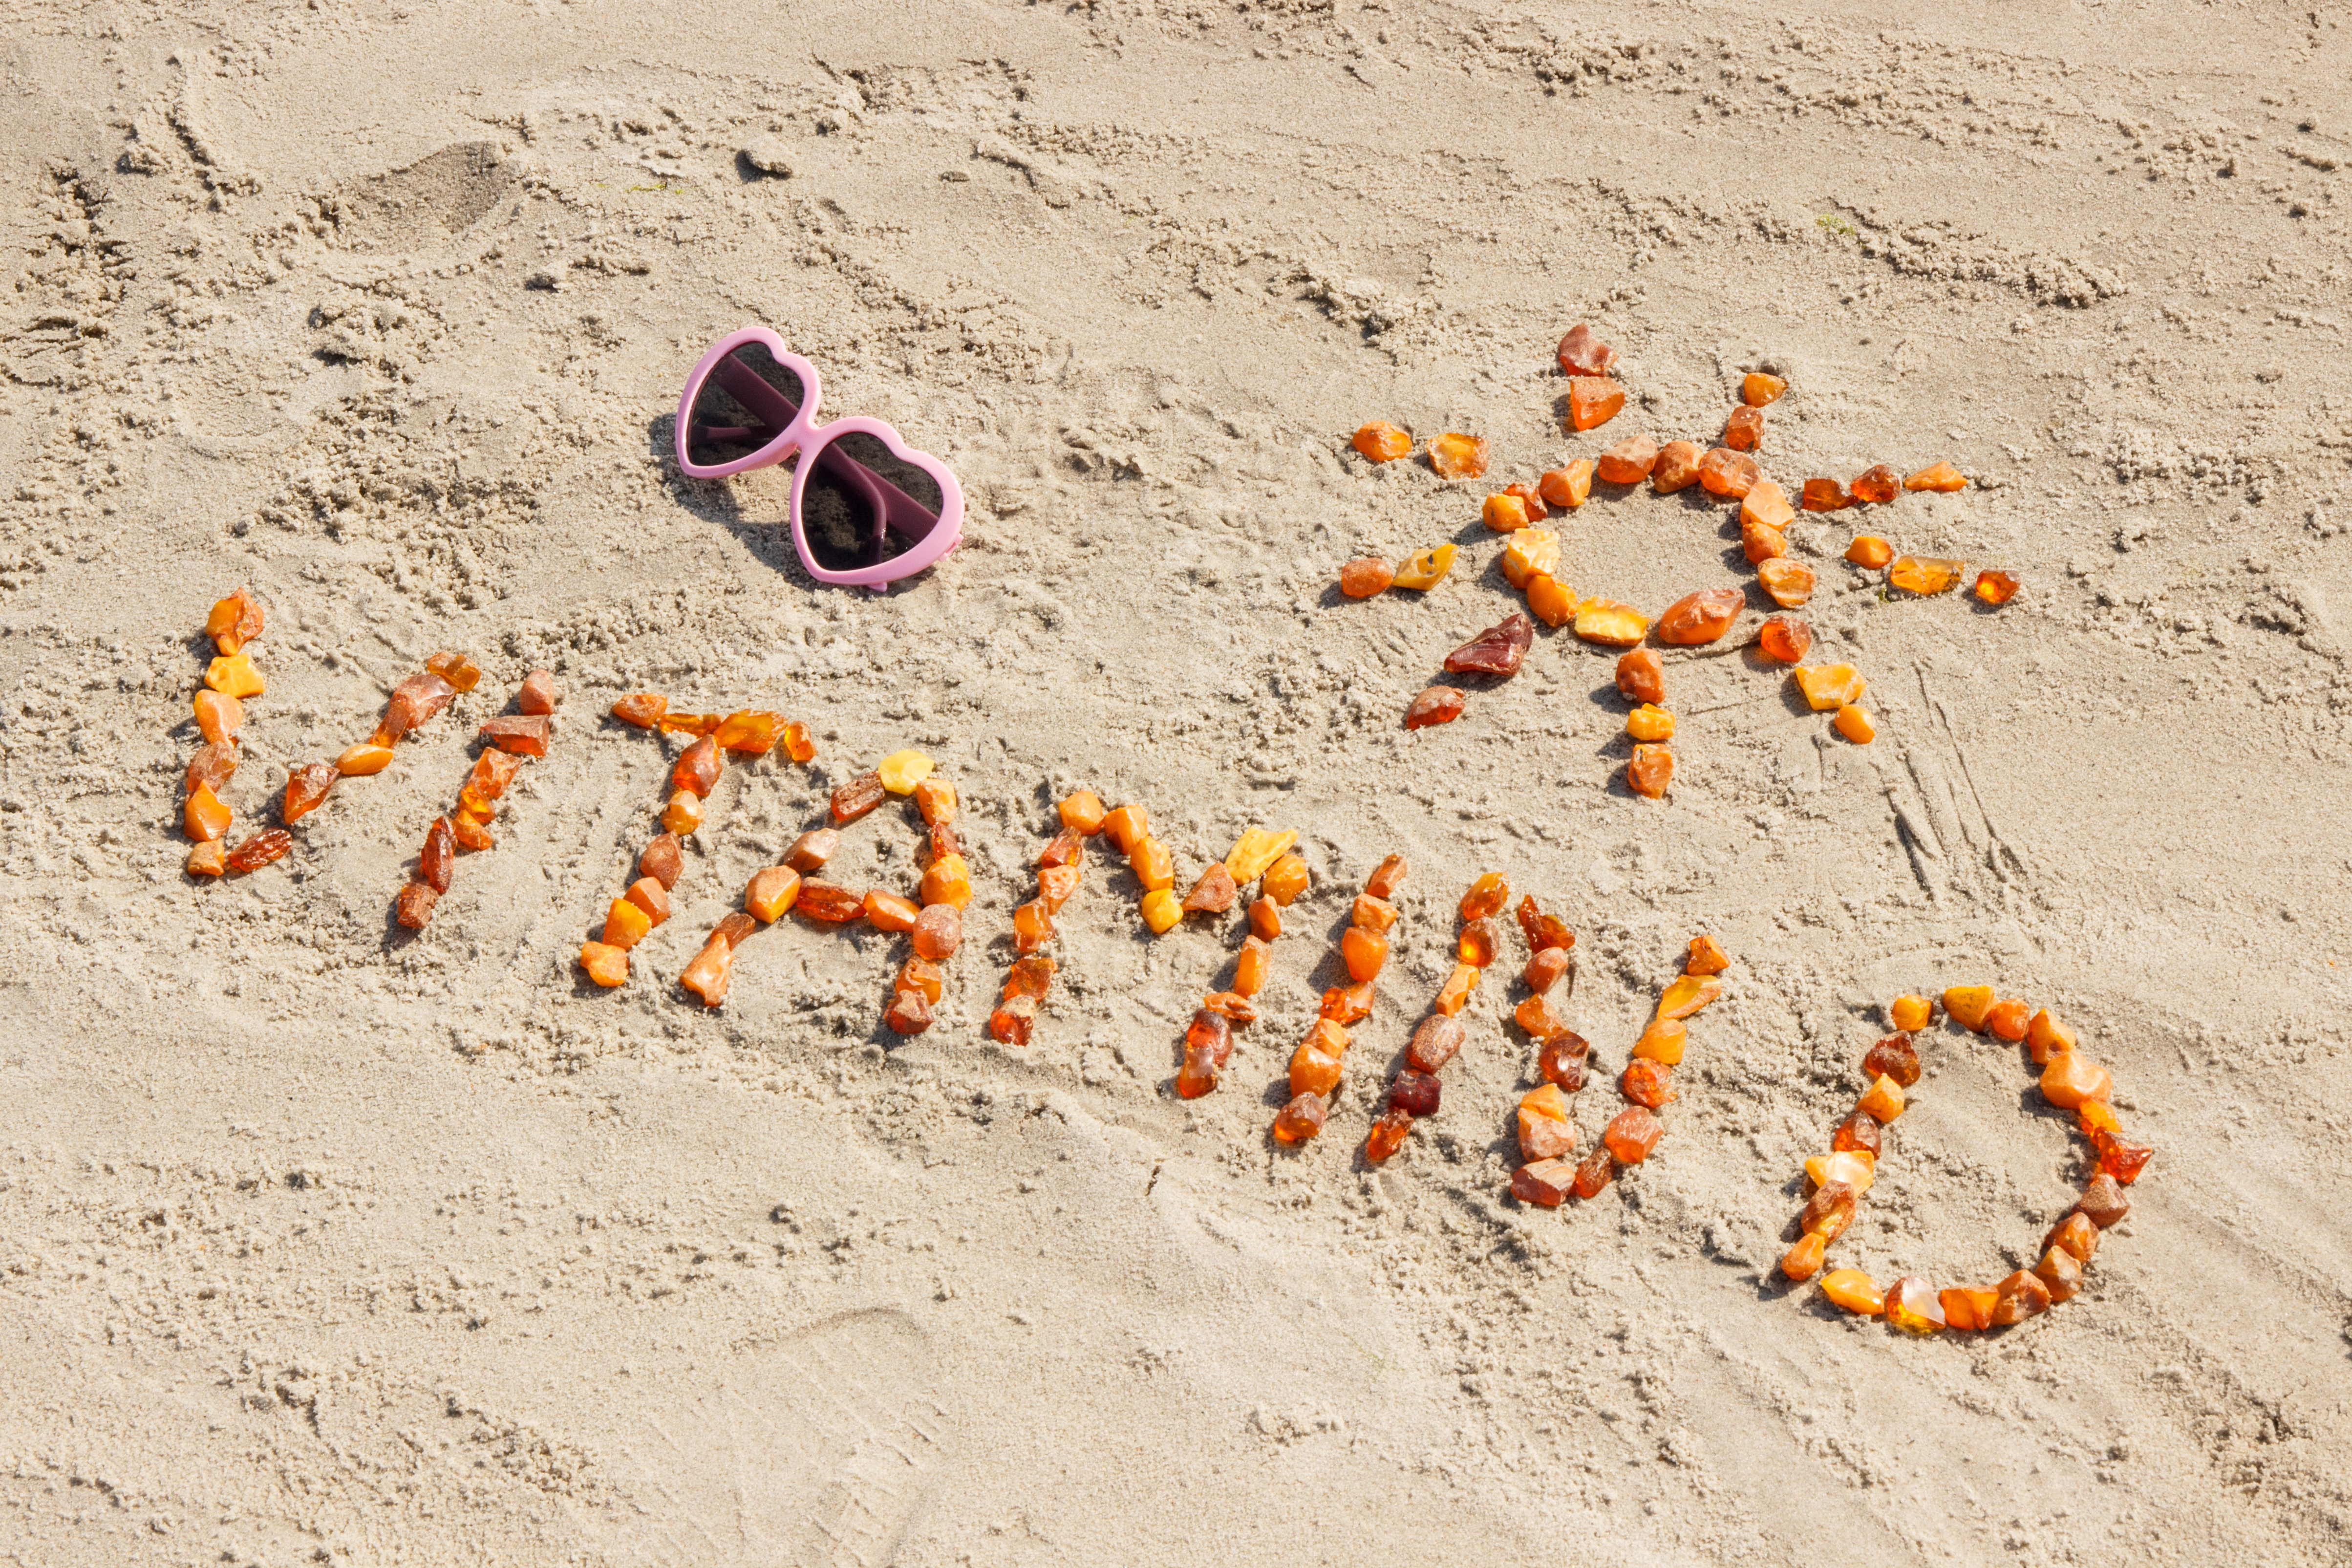 Depresyon oluşumunu tetikleyen 3 vitamin eksikliği #2